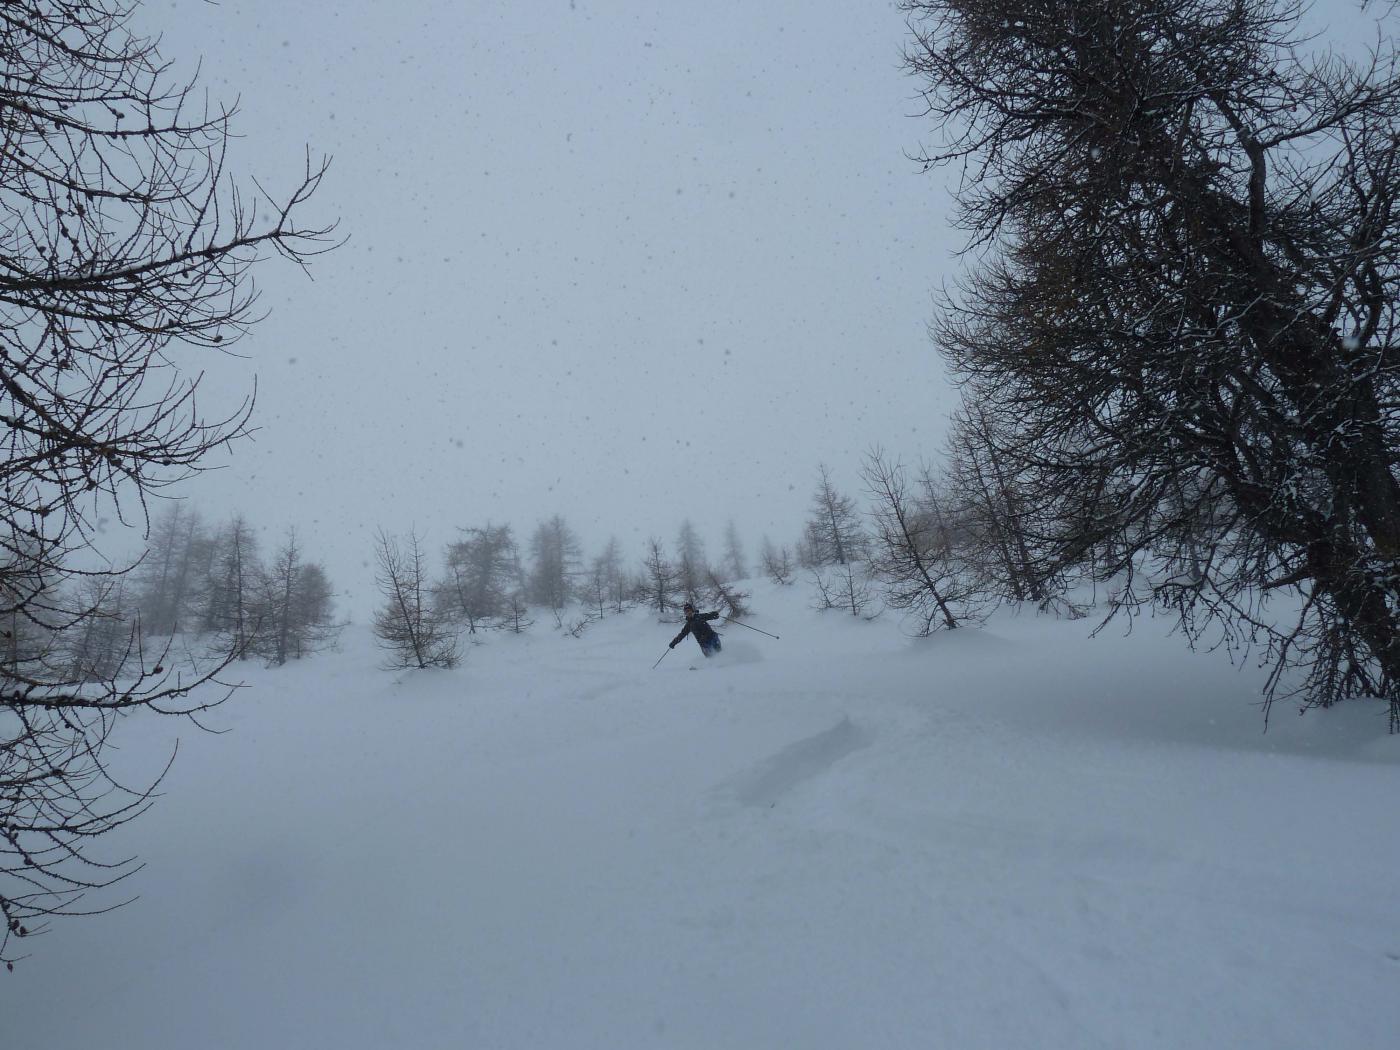 Discesa sotto una fitta nevicata